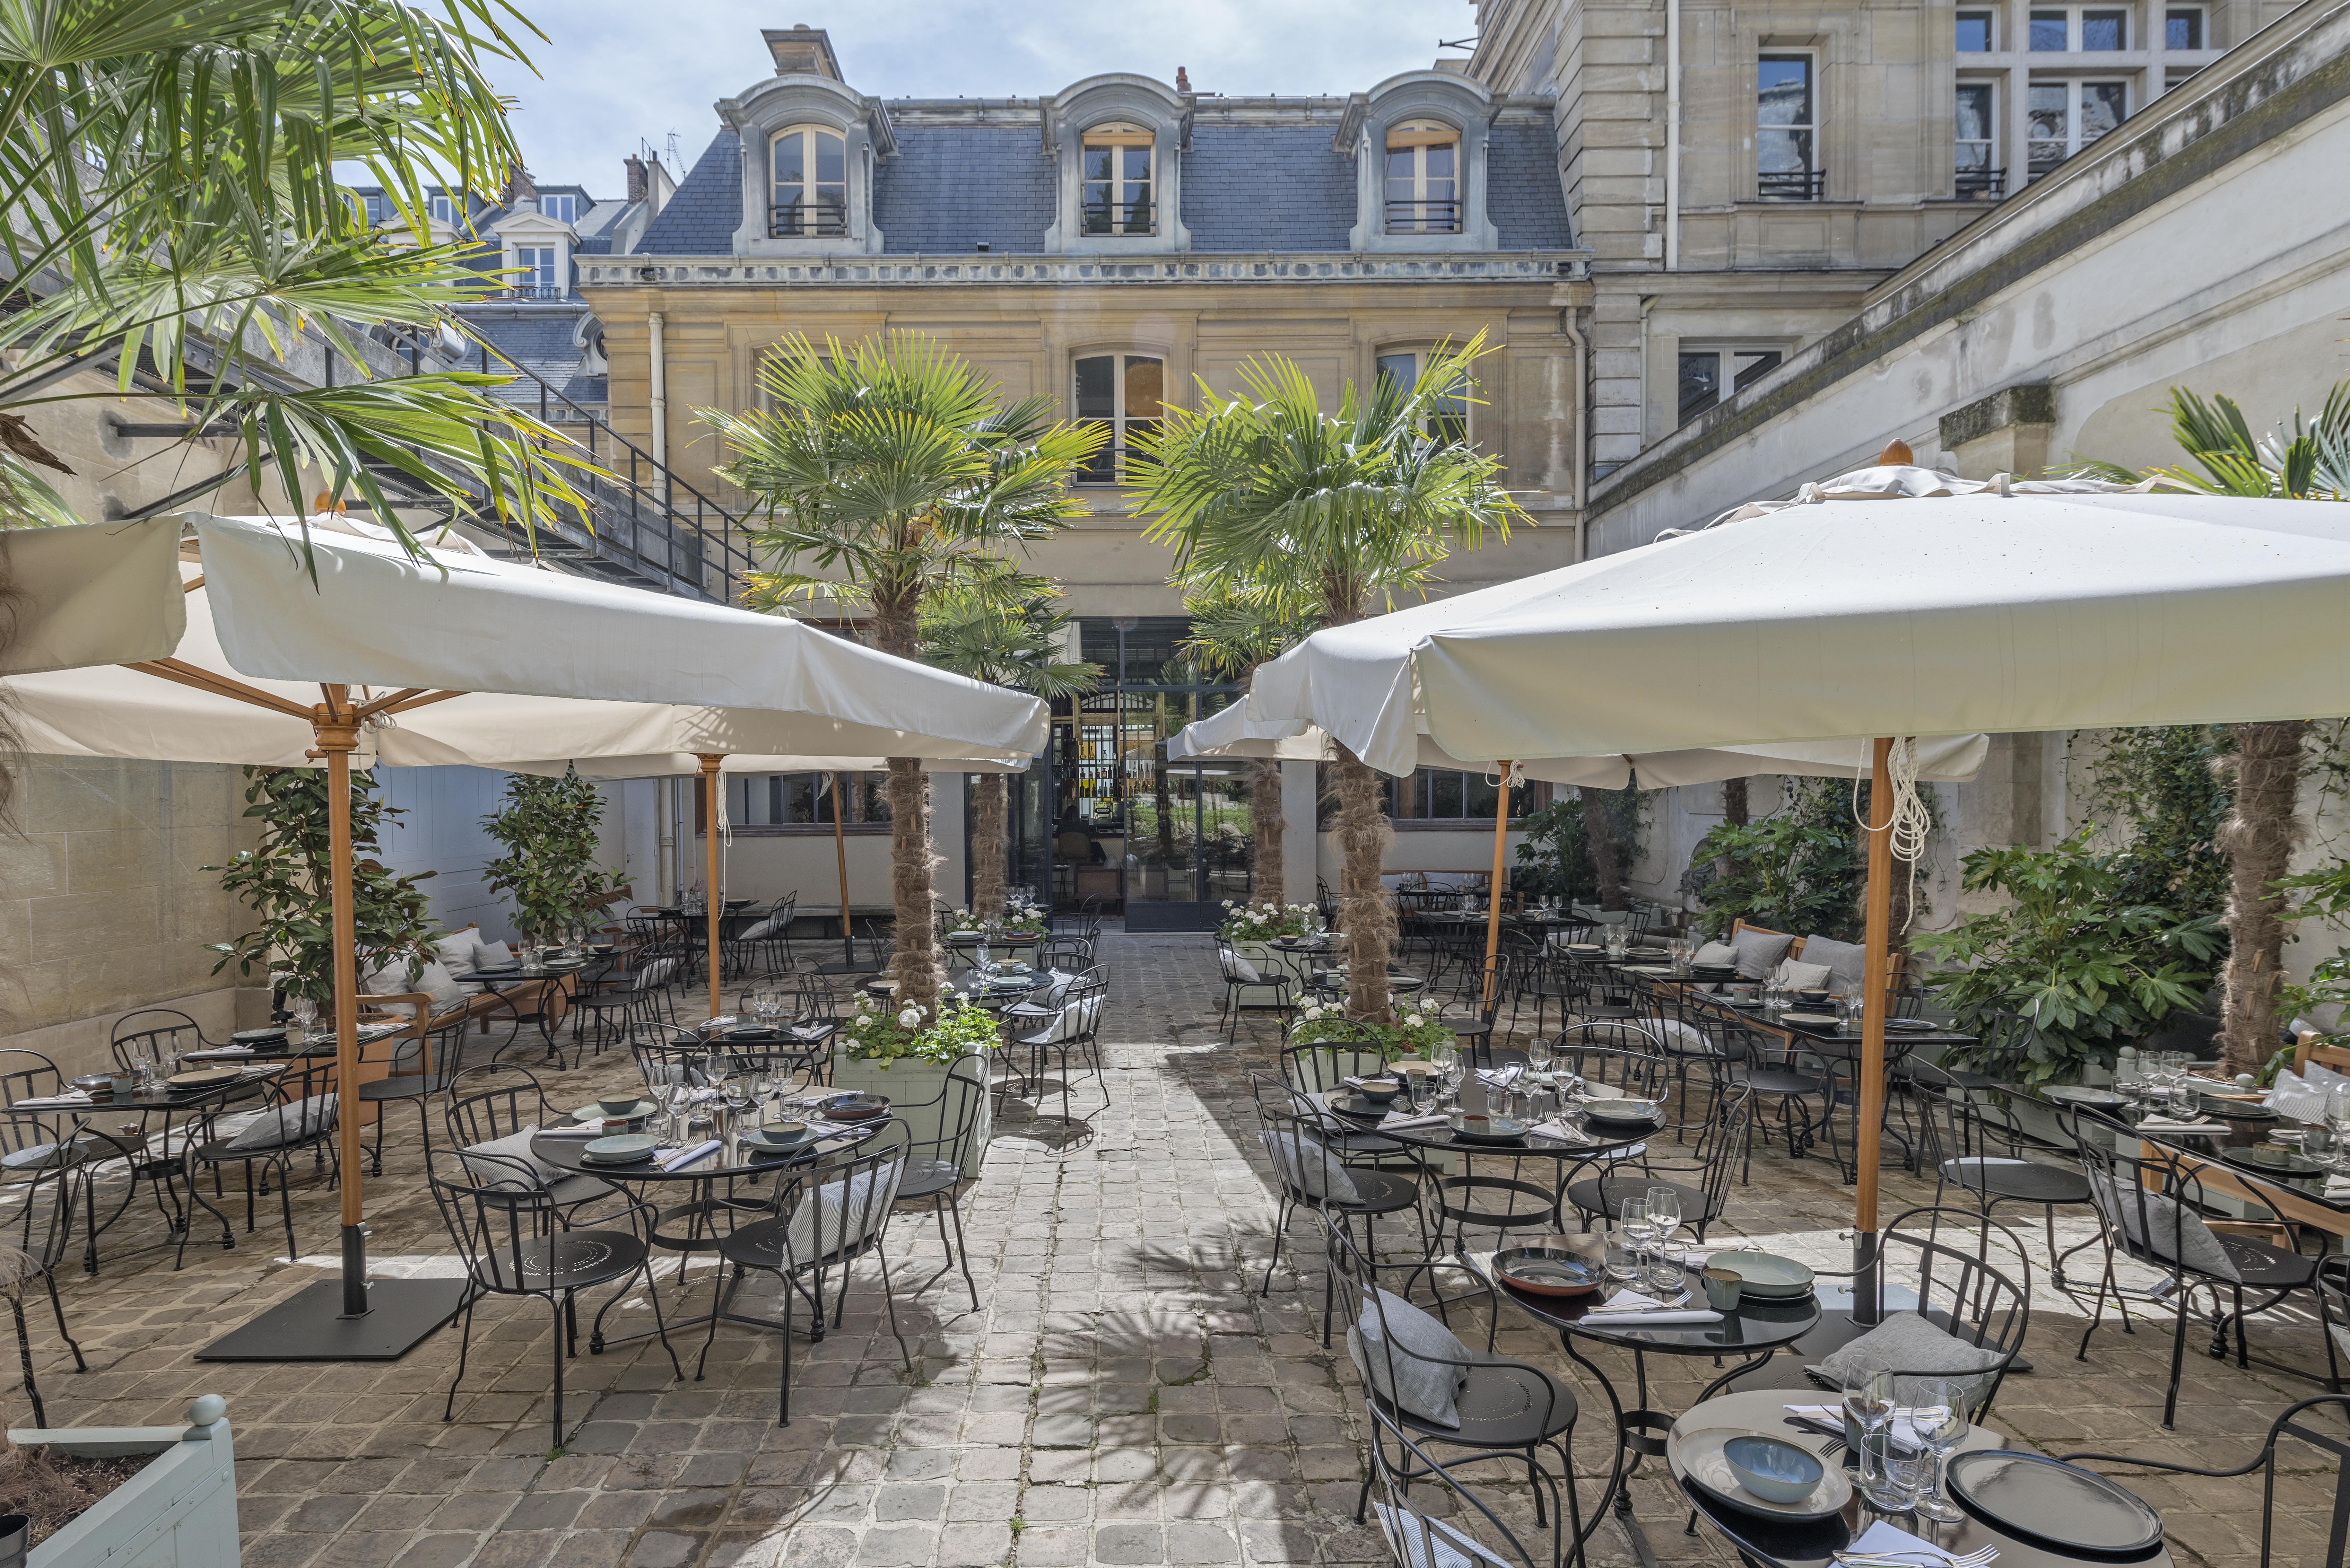 Le Camondo - Courtyard terrace